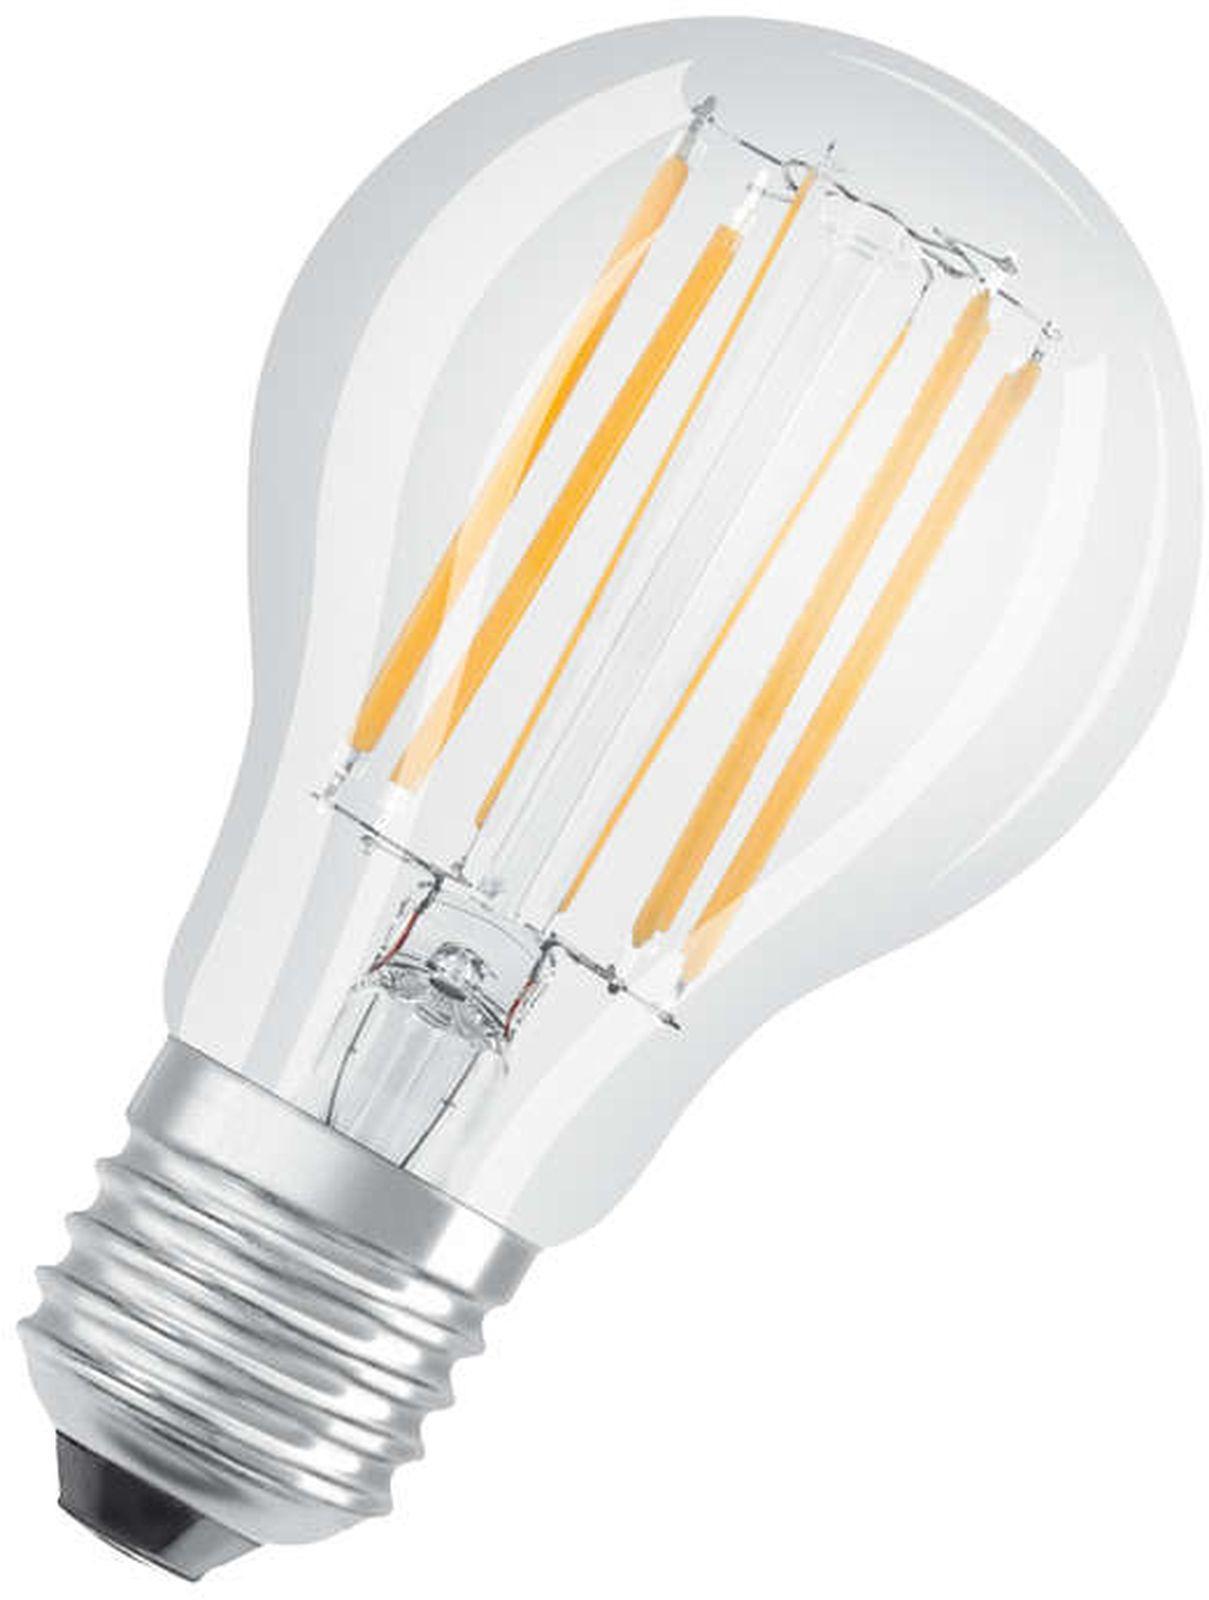 Фото - Лампочка Ledvance Osram светодиодная LED Star Classic A 75, Теплый свет 8 Вт, Светодиодная awo 100% original p vip 180 0 8 e20 8 brand new projector lamp bulb for osram 180days warranty big discount hot sales vip180w